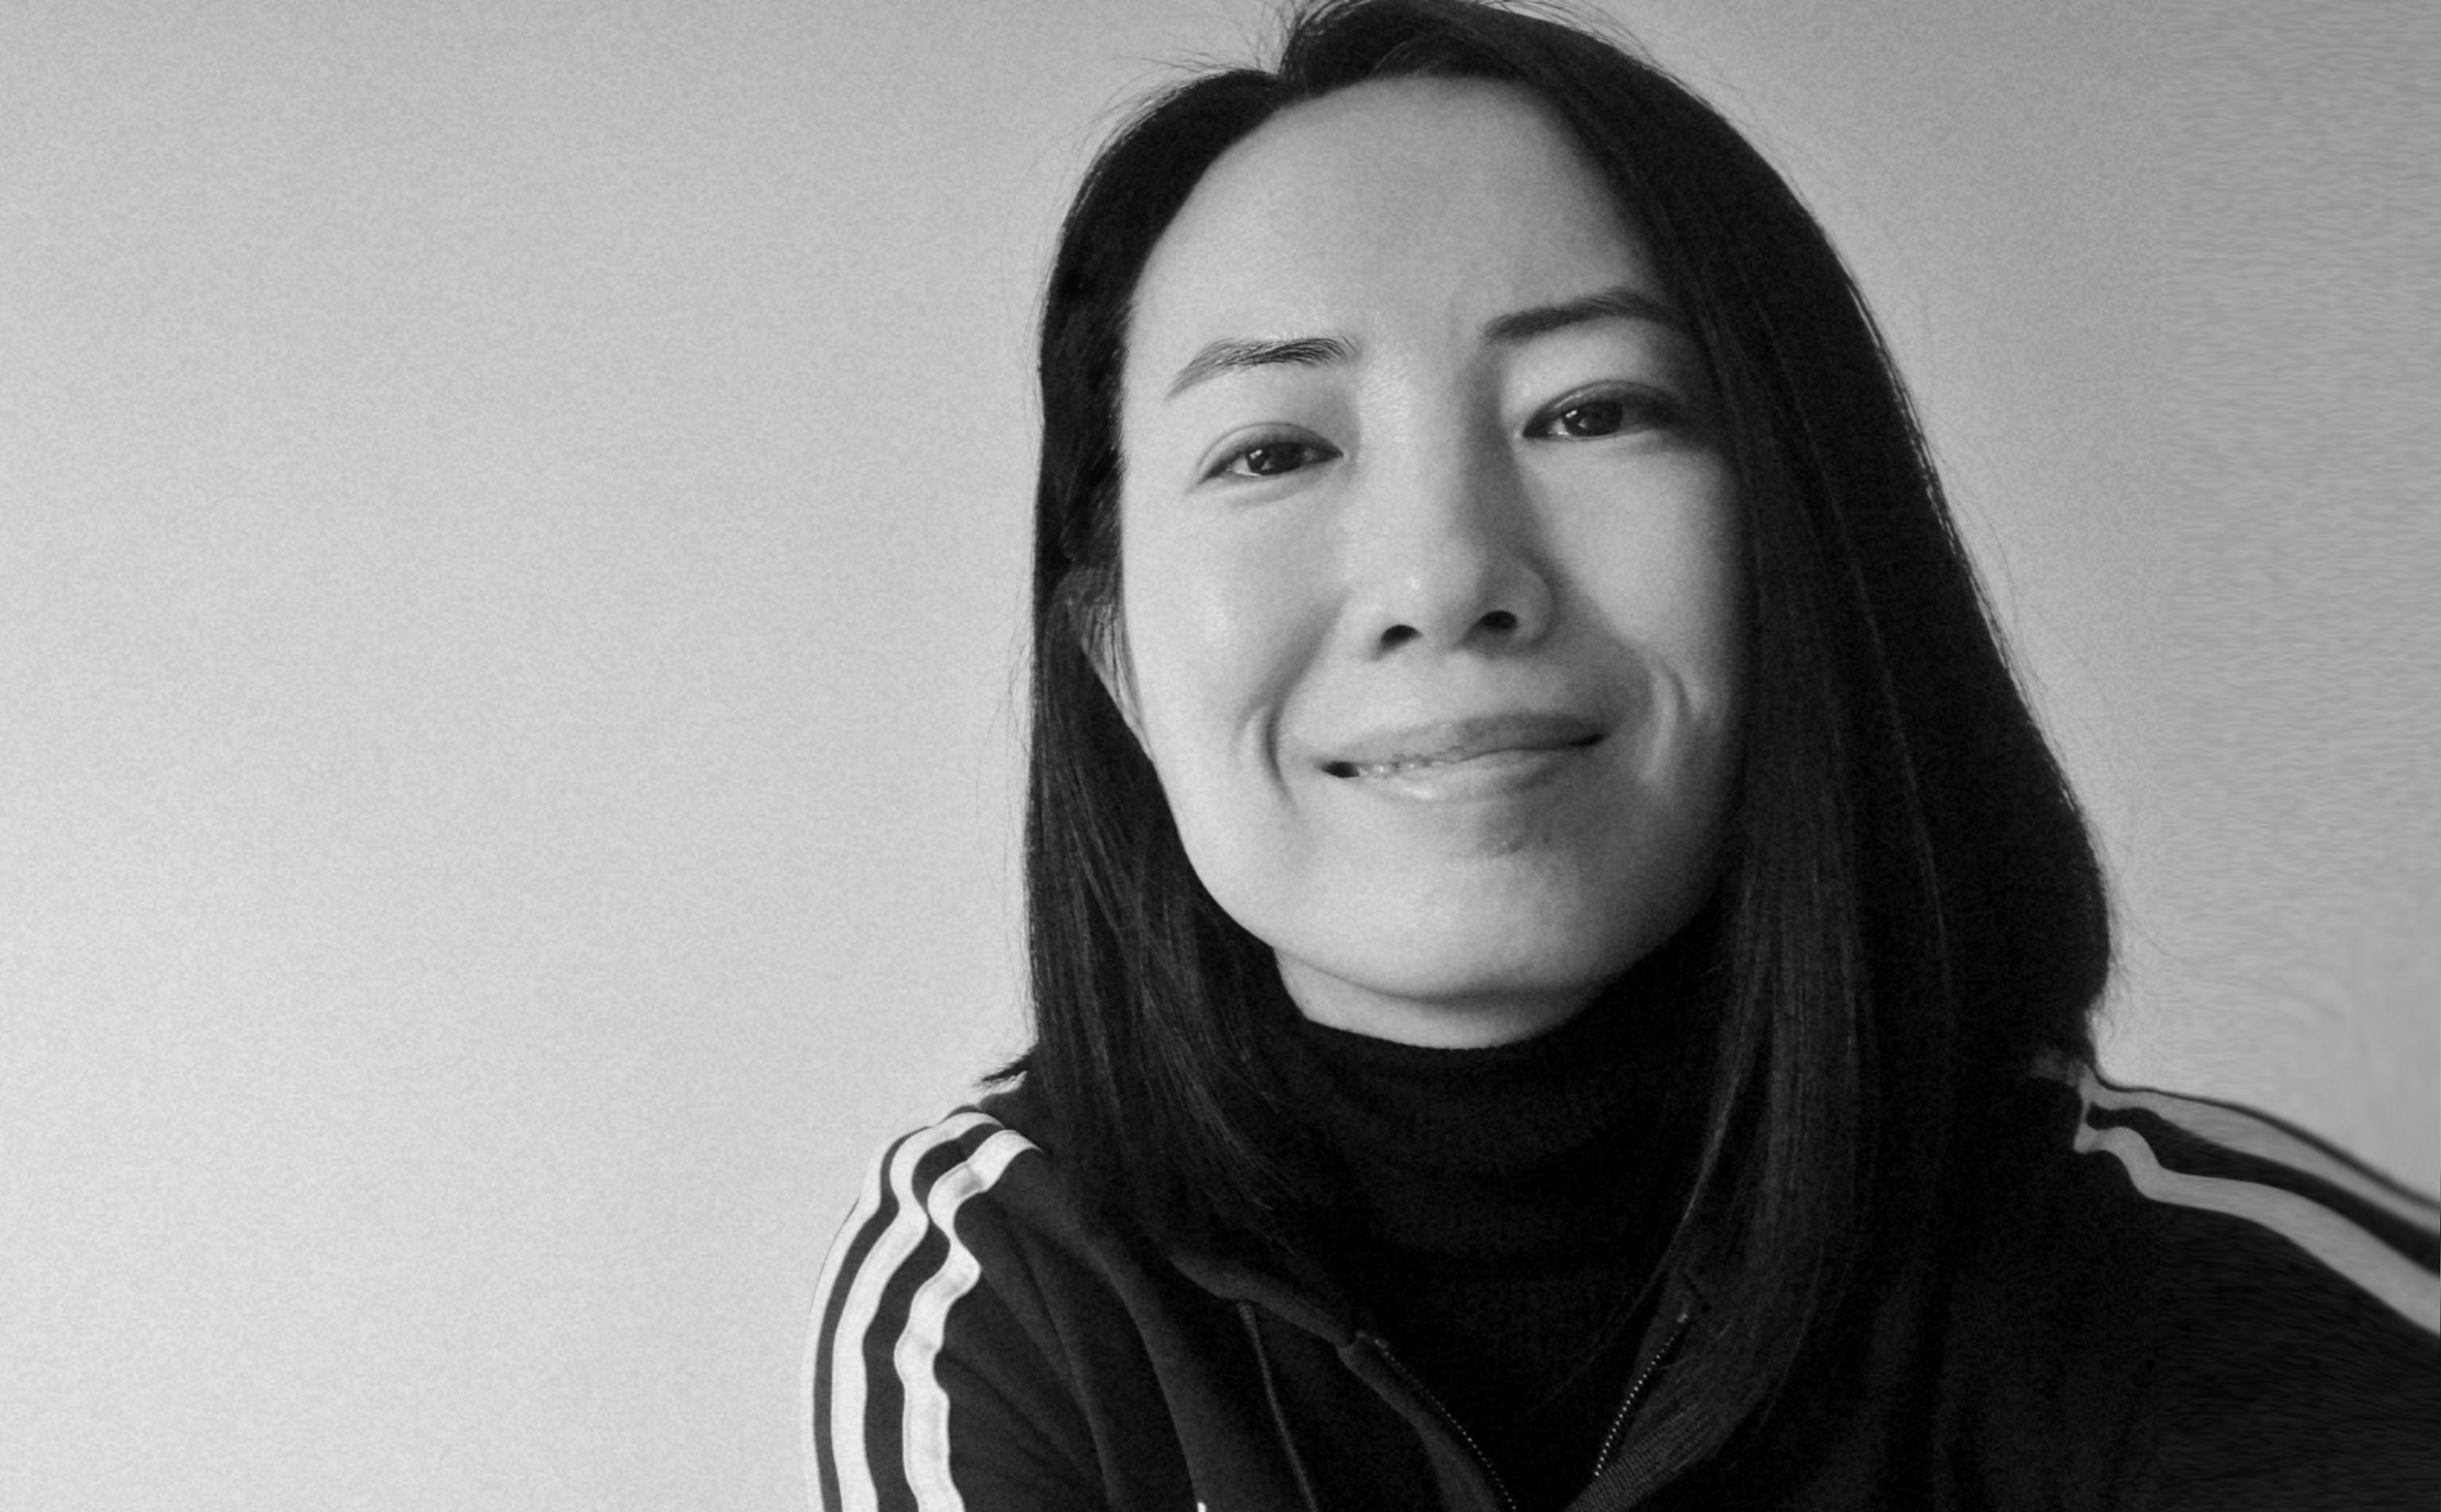 Sherry Xue